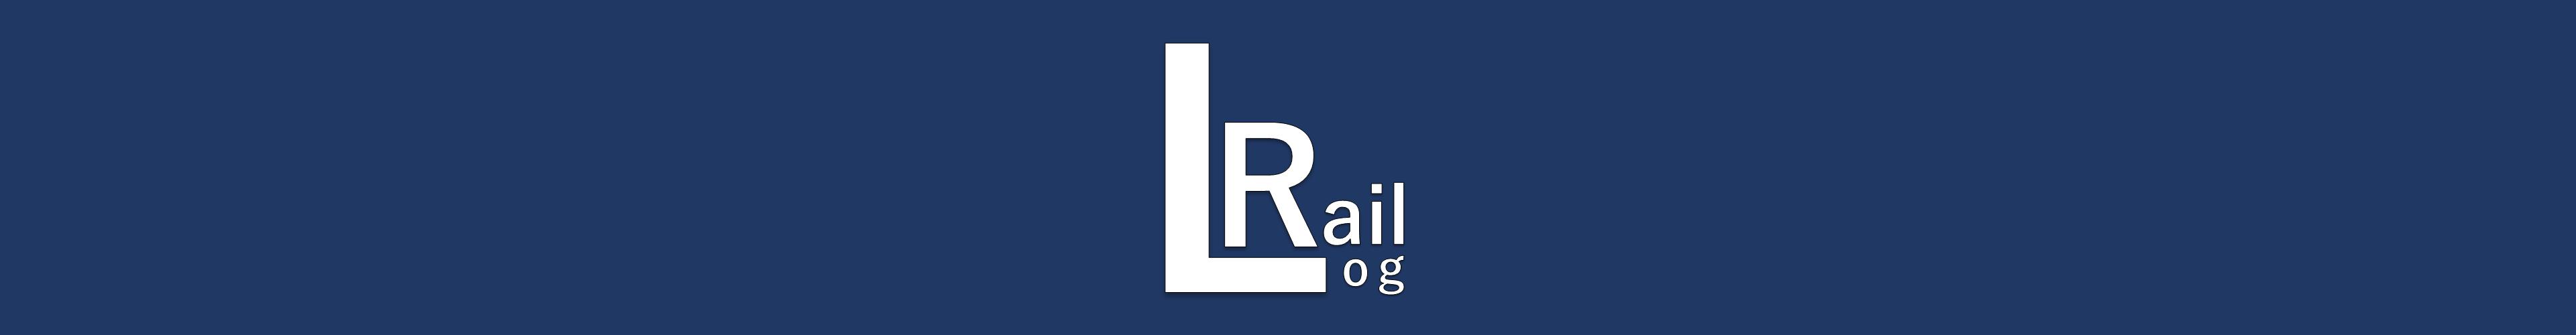 Rail Log